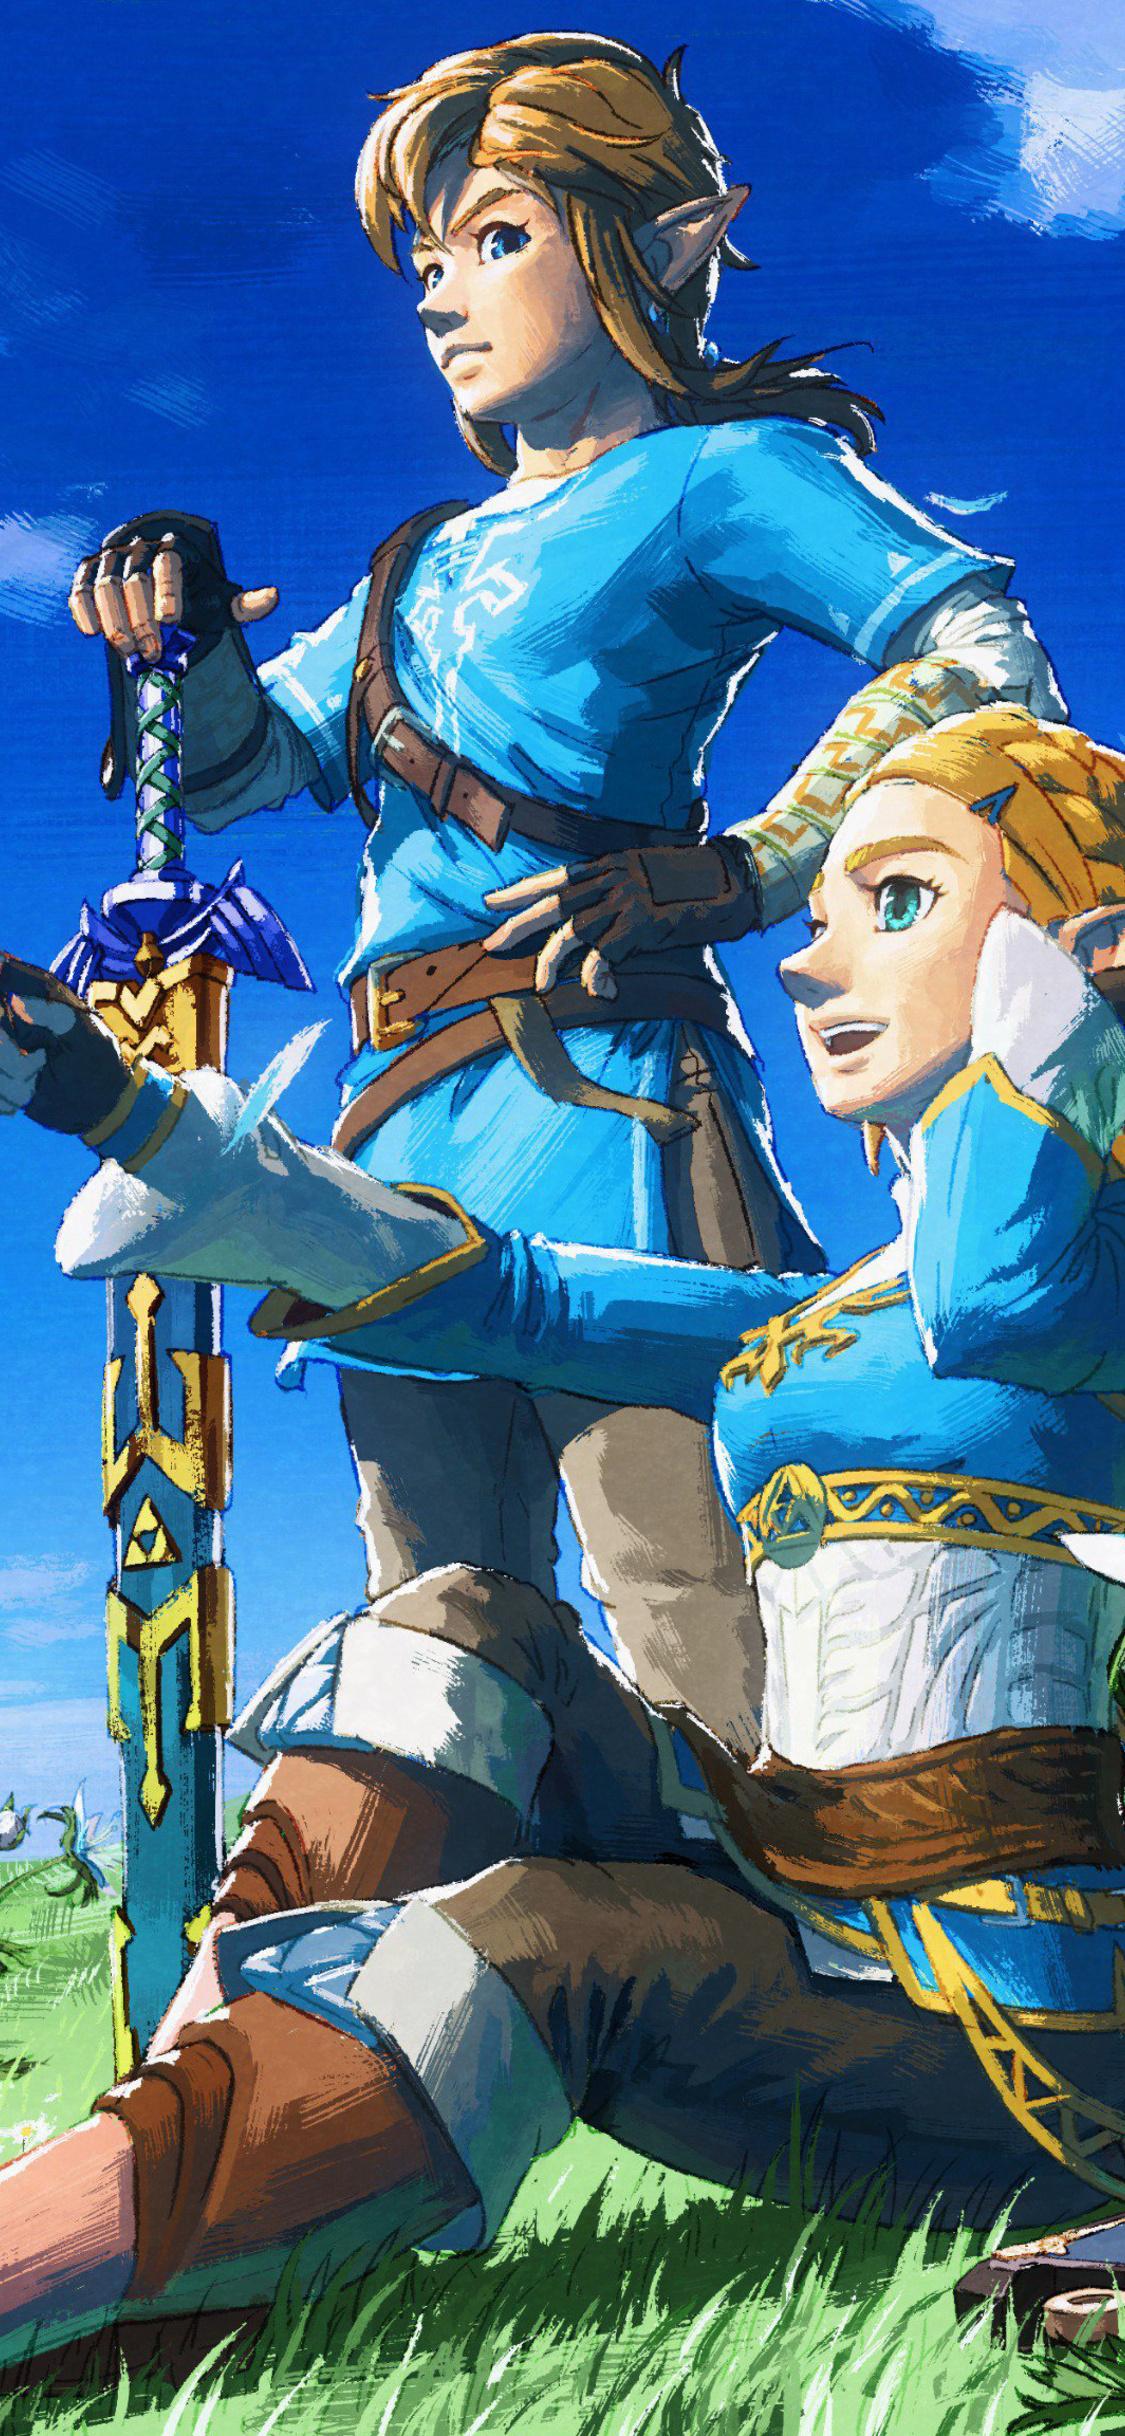 1125x2436 2018 The Legend Of Zelda Breath Of The Wild 4k